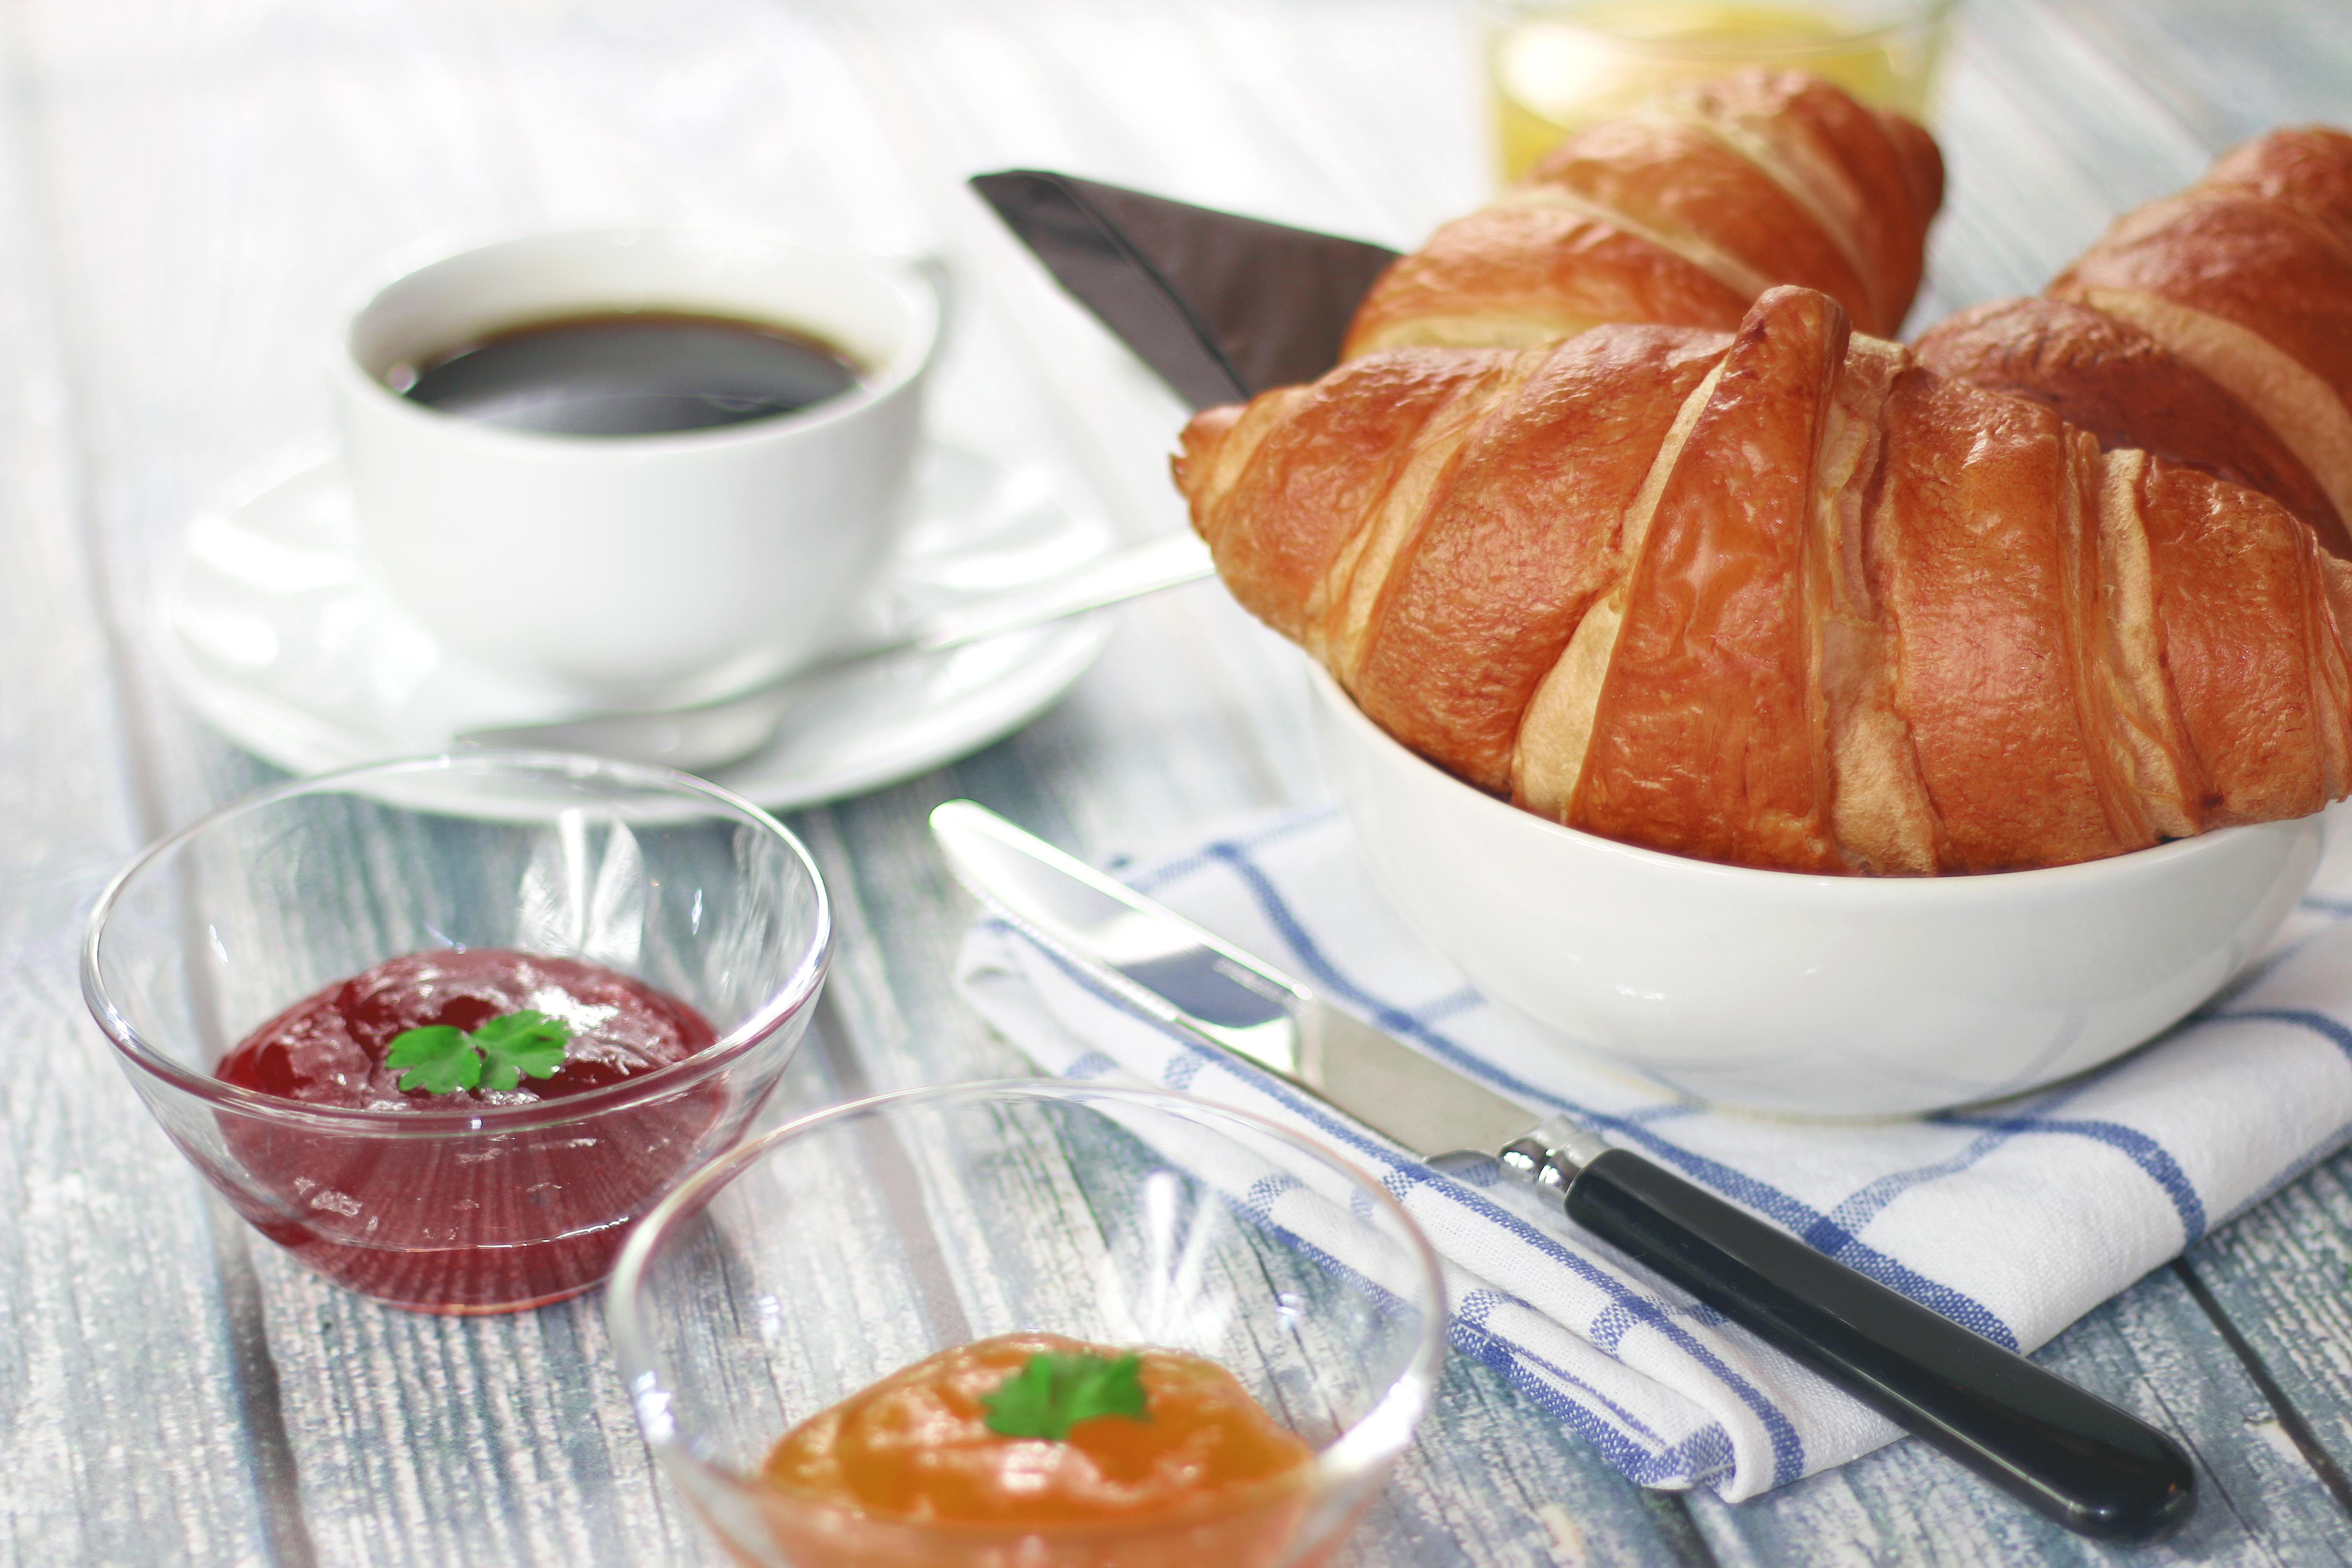 Formule petit-déjeuner gourmand du traiteur Mimi Canette à Beaune